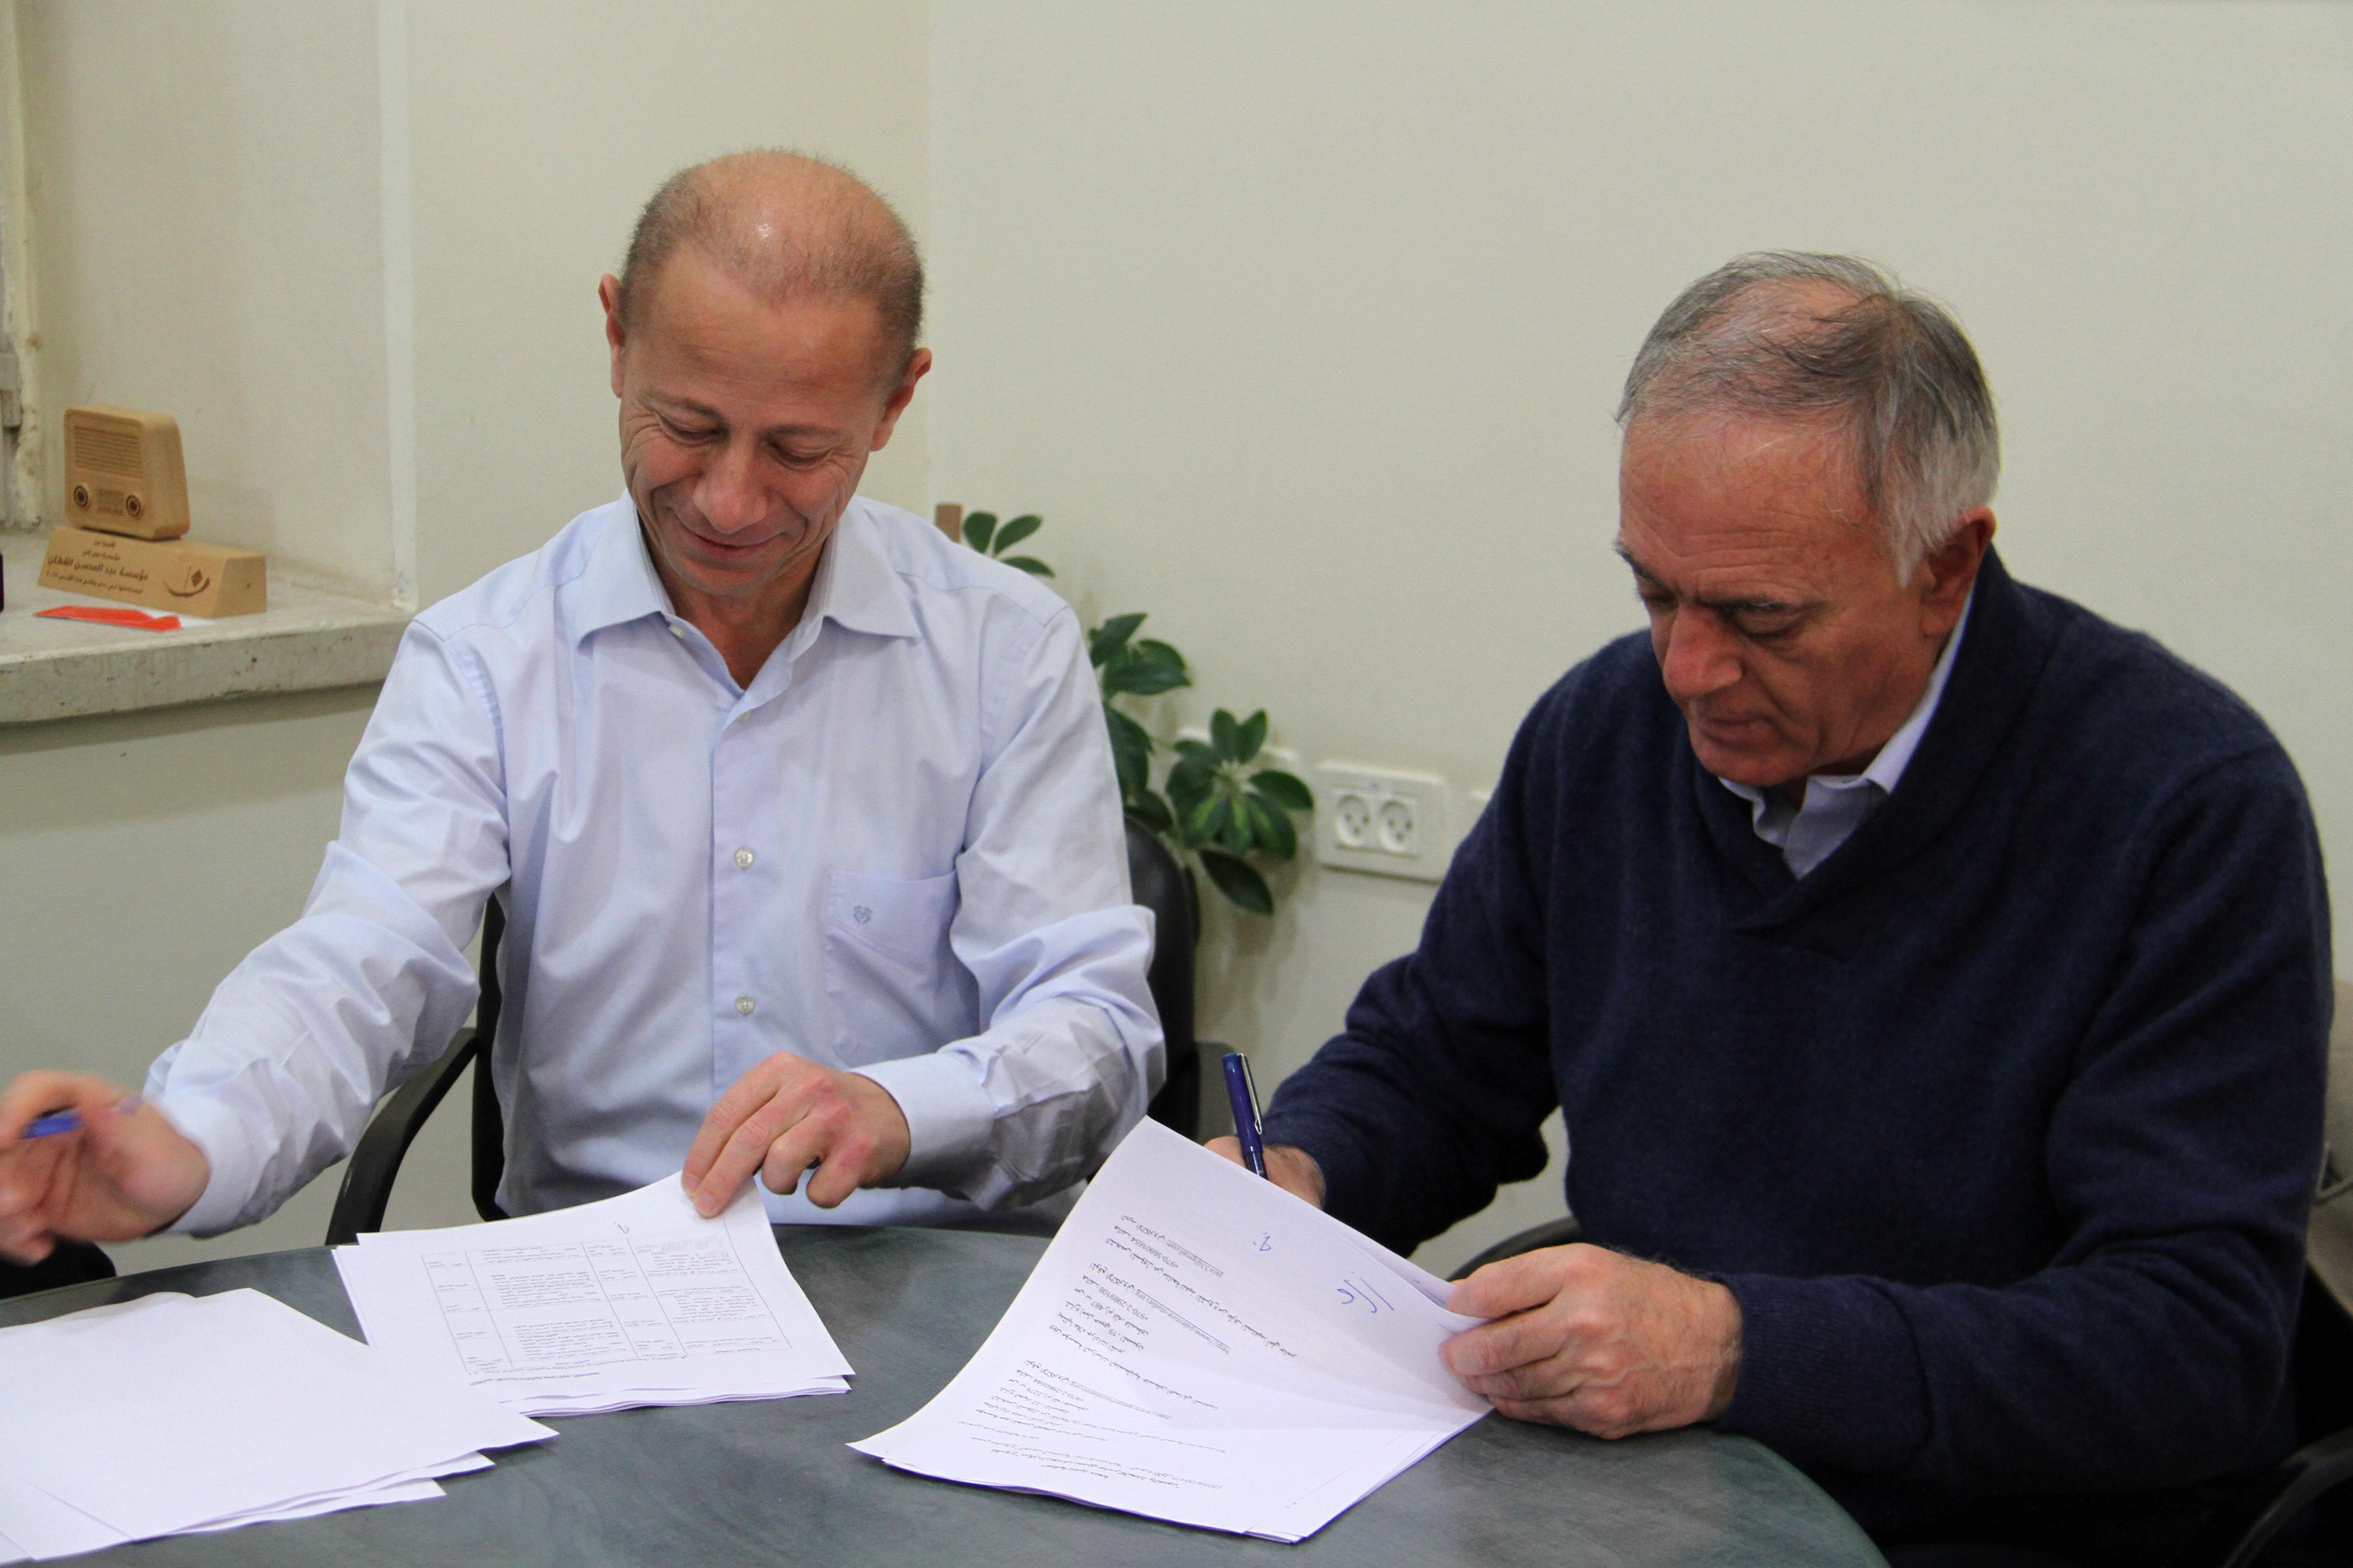 أثناء توقيع اتفاقية المنحة مع مؤسسة الدراسات الفلسطينية ومجموعة دار جاسر